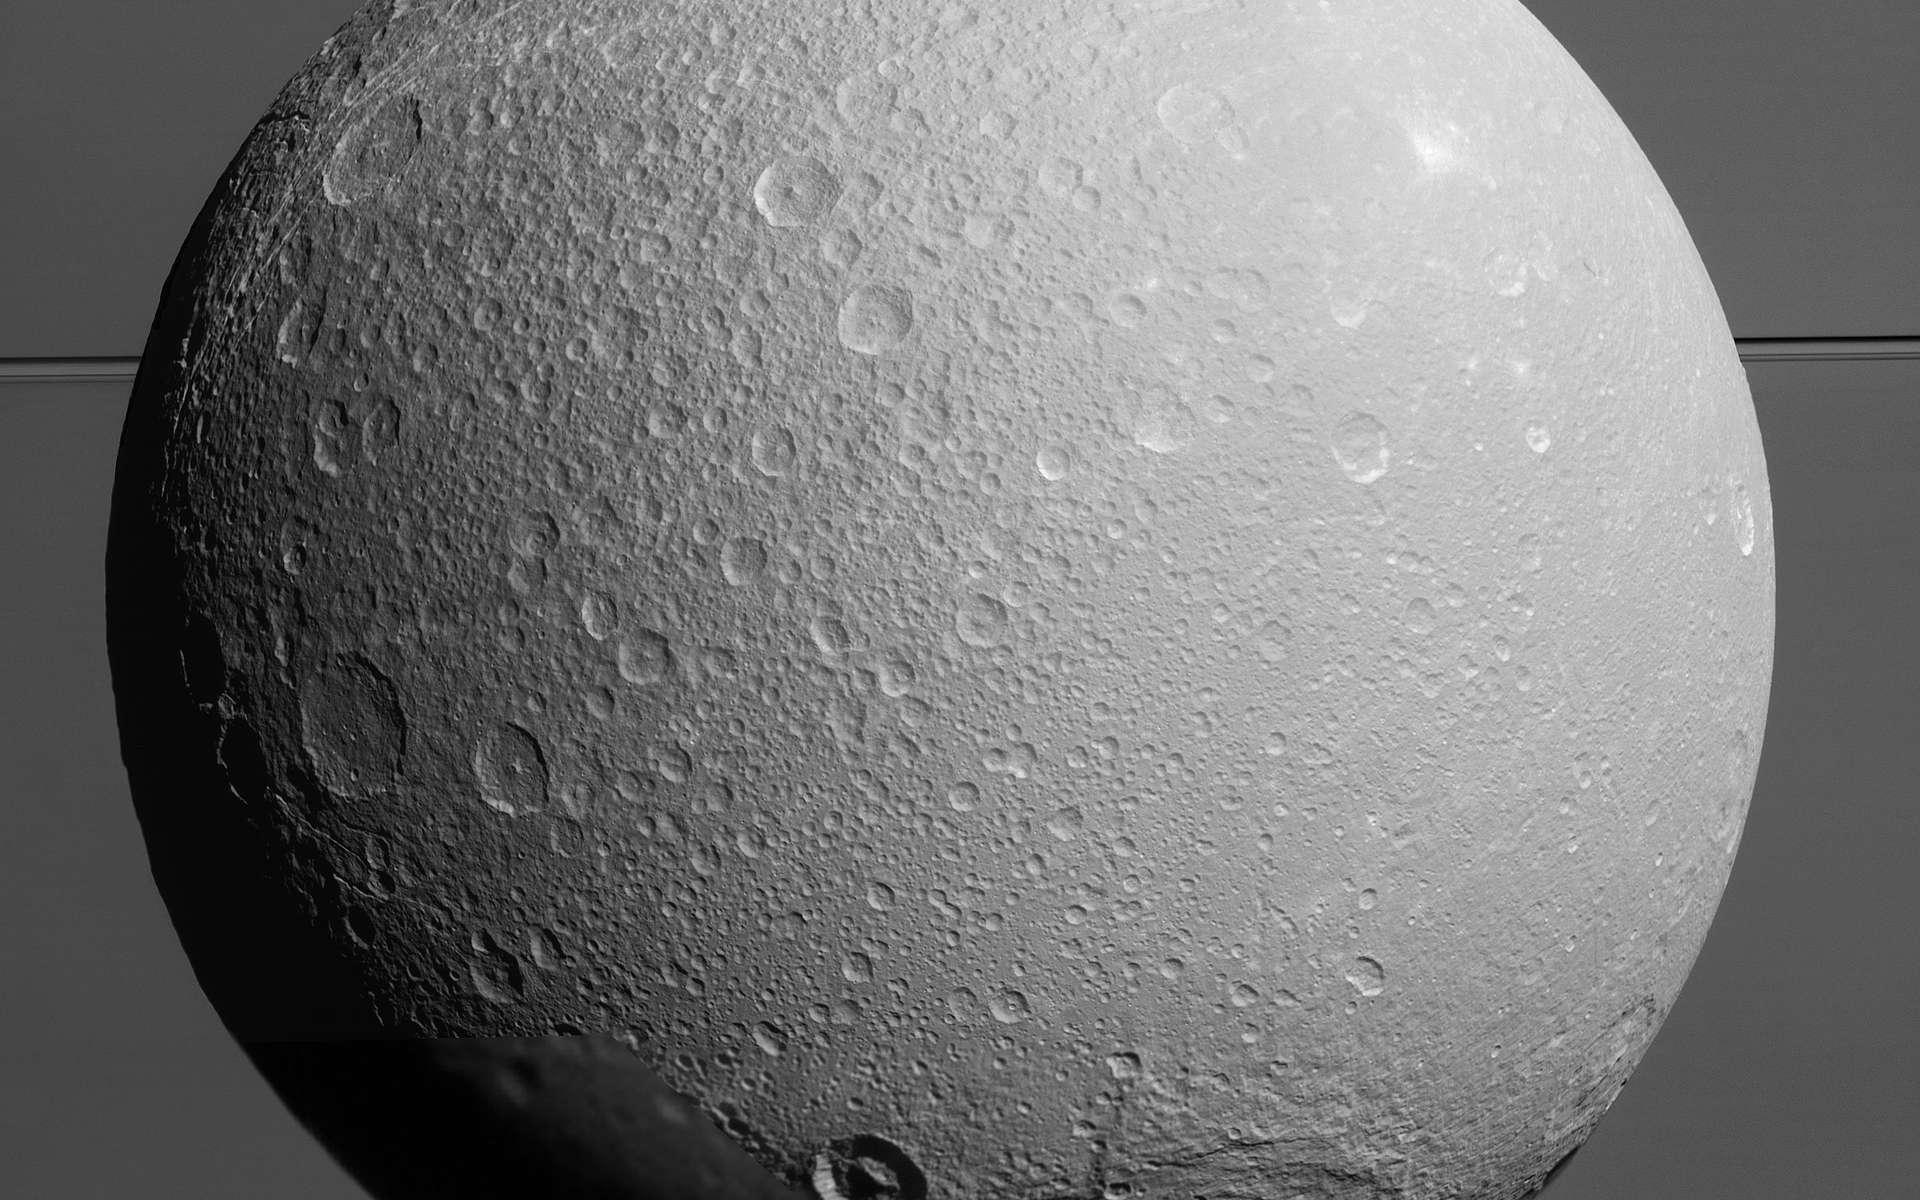 Au premier-plan, Dioné et sa surface grêlée de cratères d'impact et à l'arrière-plan, on distingue l'atmosphère de Saturne et ses anneaux. L'image a été prise par Cassini le 17 août 2015, à 170.000 km de sa surface lorsqu'elle entreprenait le dernier survol de sa mission de cette lune glacée. © Nasa, JPL-Caltech, Space Science Institute